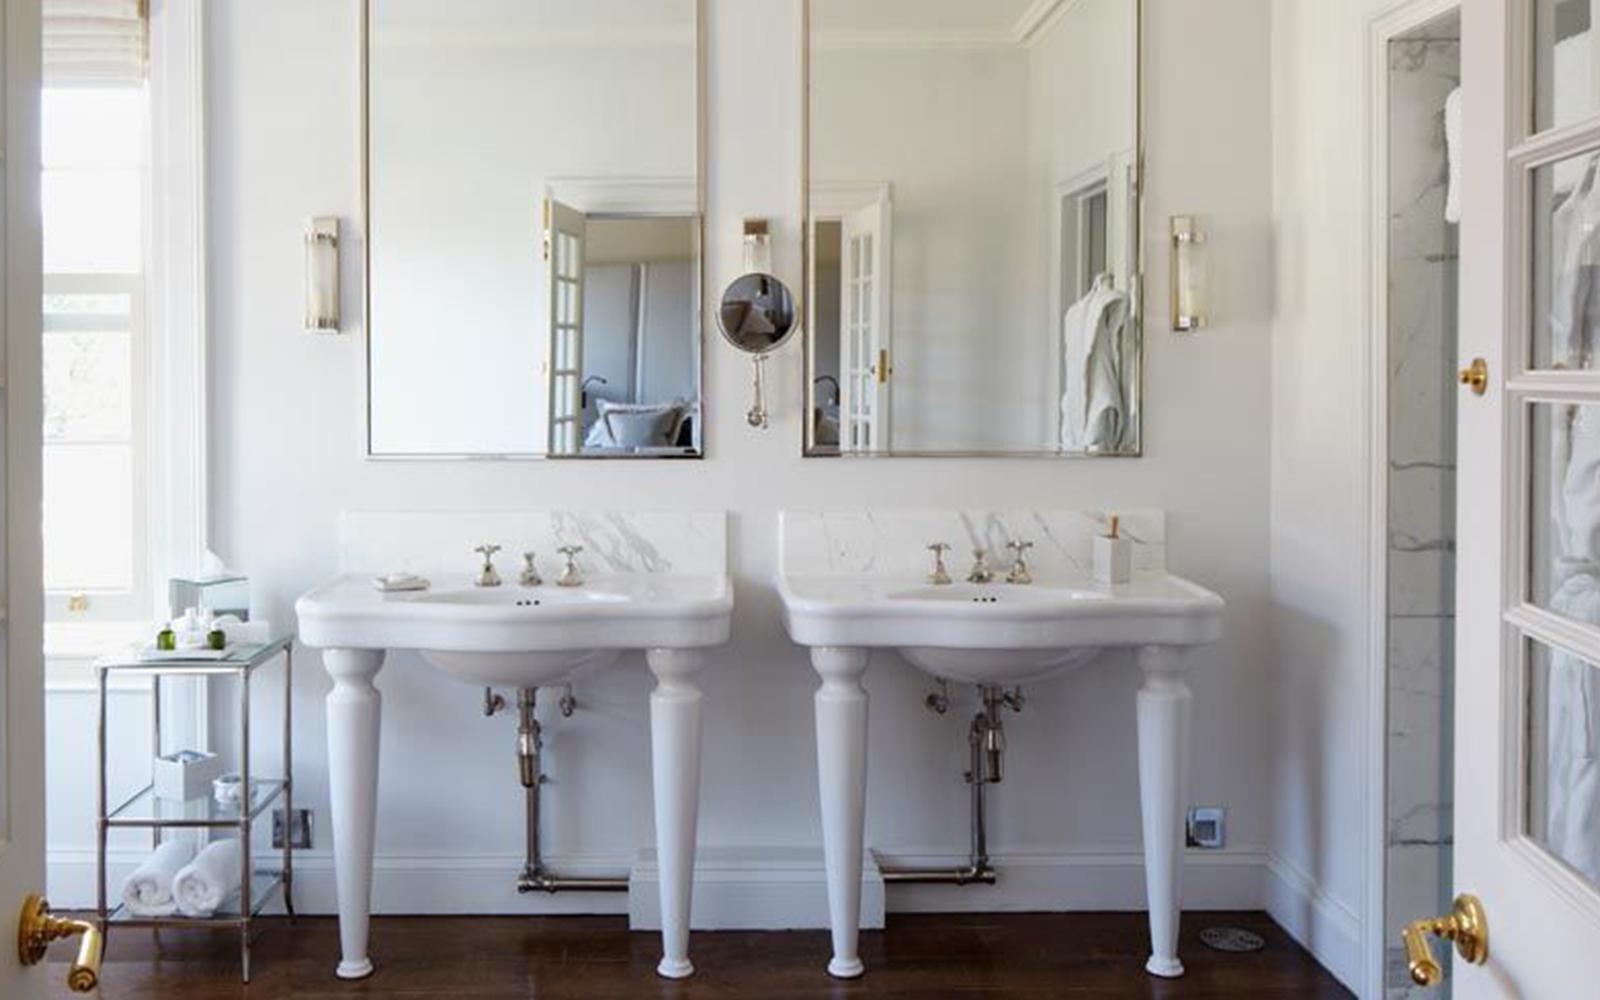 banyolarinizin-dekorasyonlari icin yaratici fikirler